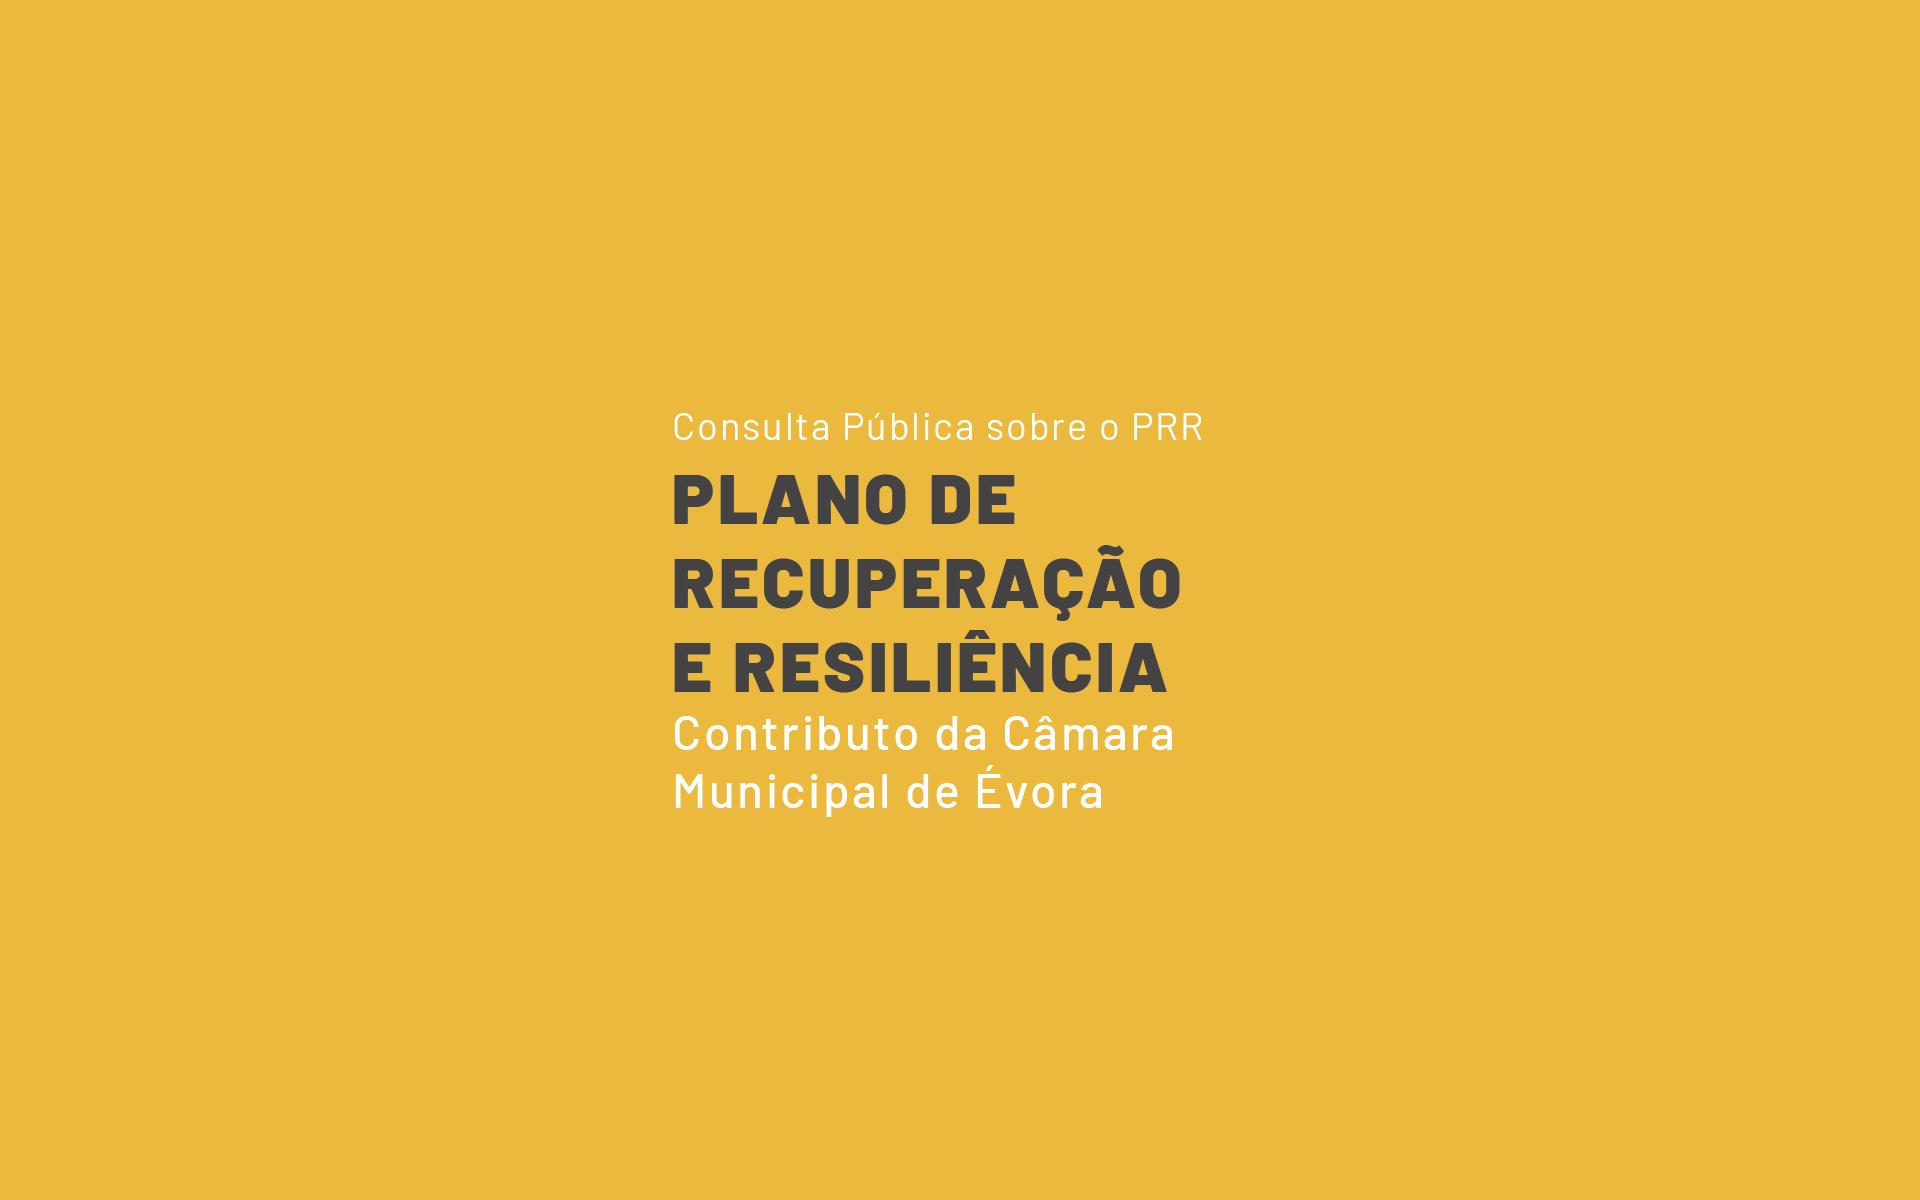 Câmara Municipal de Évora apresenta contributo para Plano de Recuperação e Resiliência